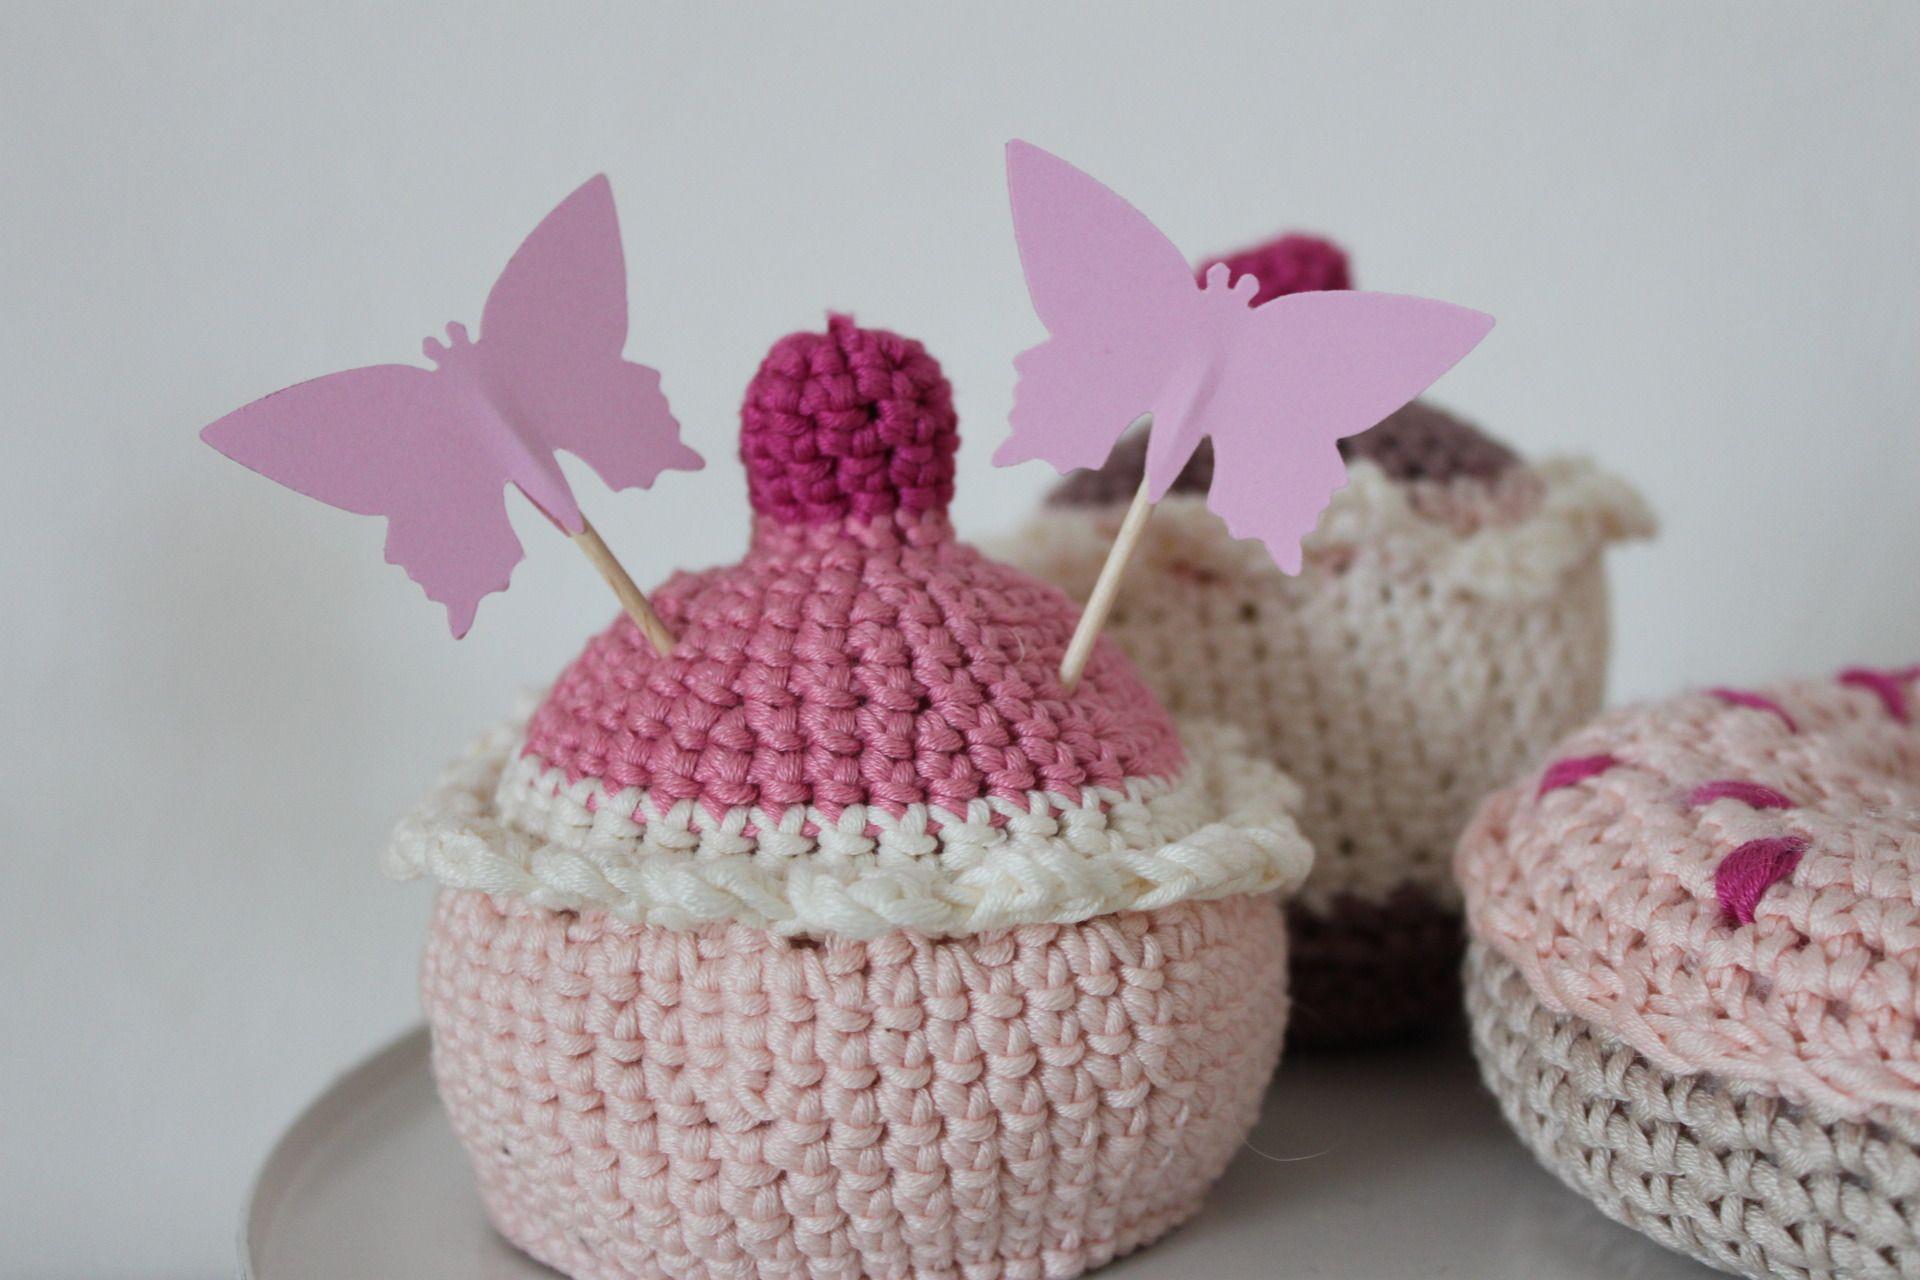 10 décorations papillons roses pour petits gateaux -cupcakes toppers